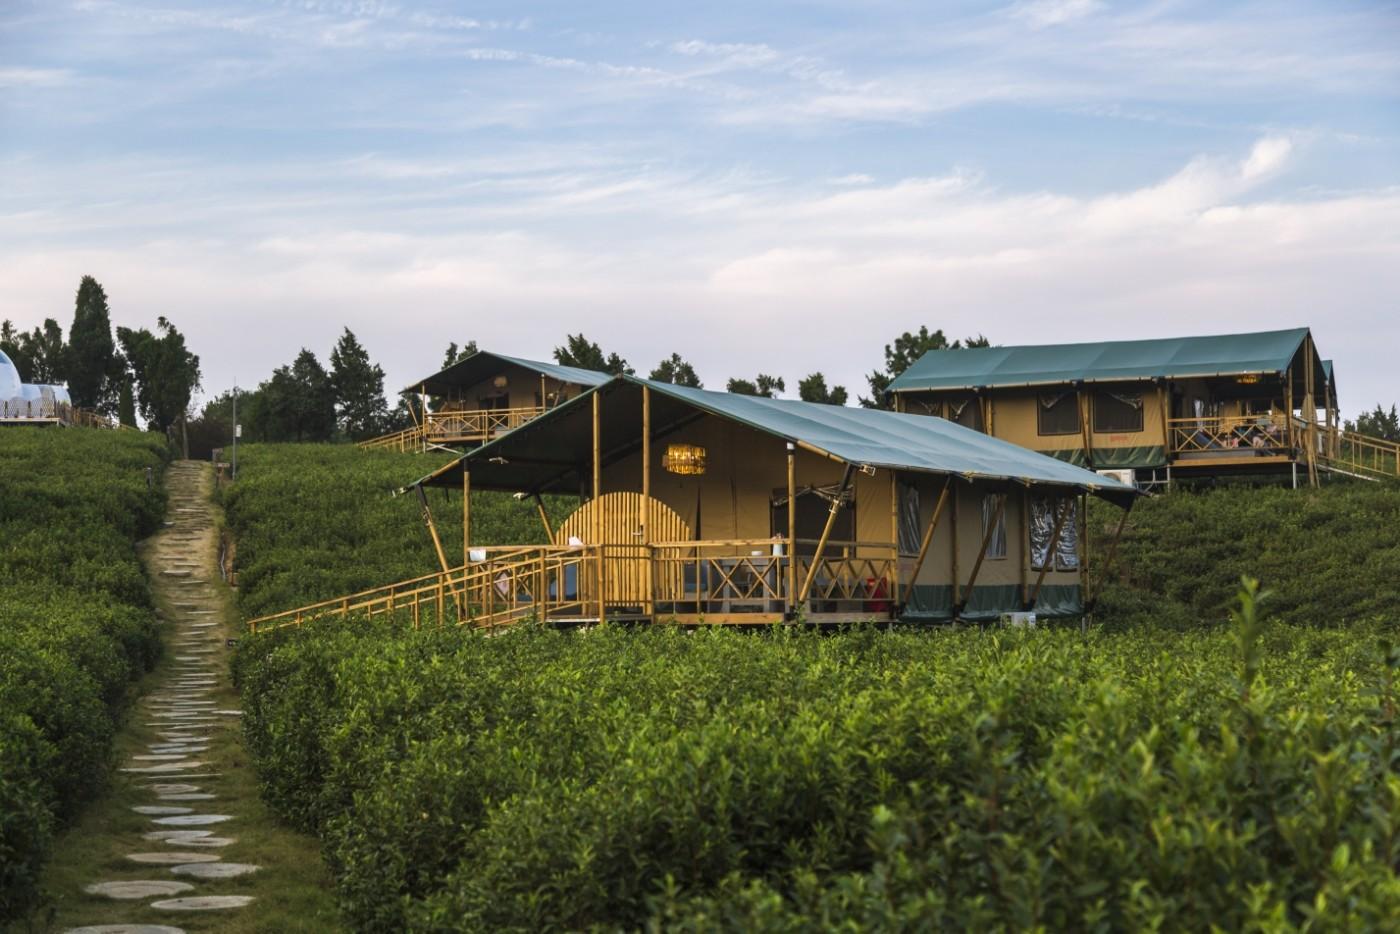 喜马拉雅野奢帐篷酒店—宝盛园夜色11